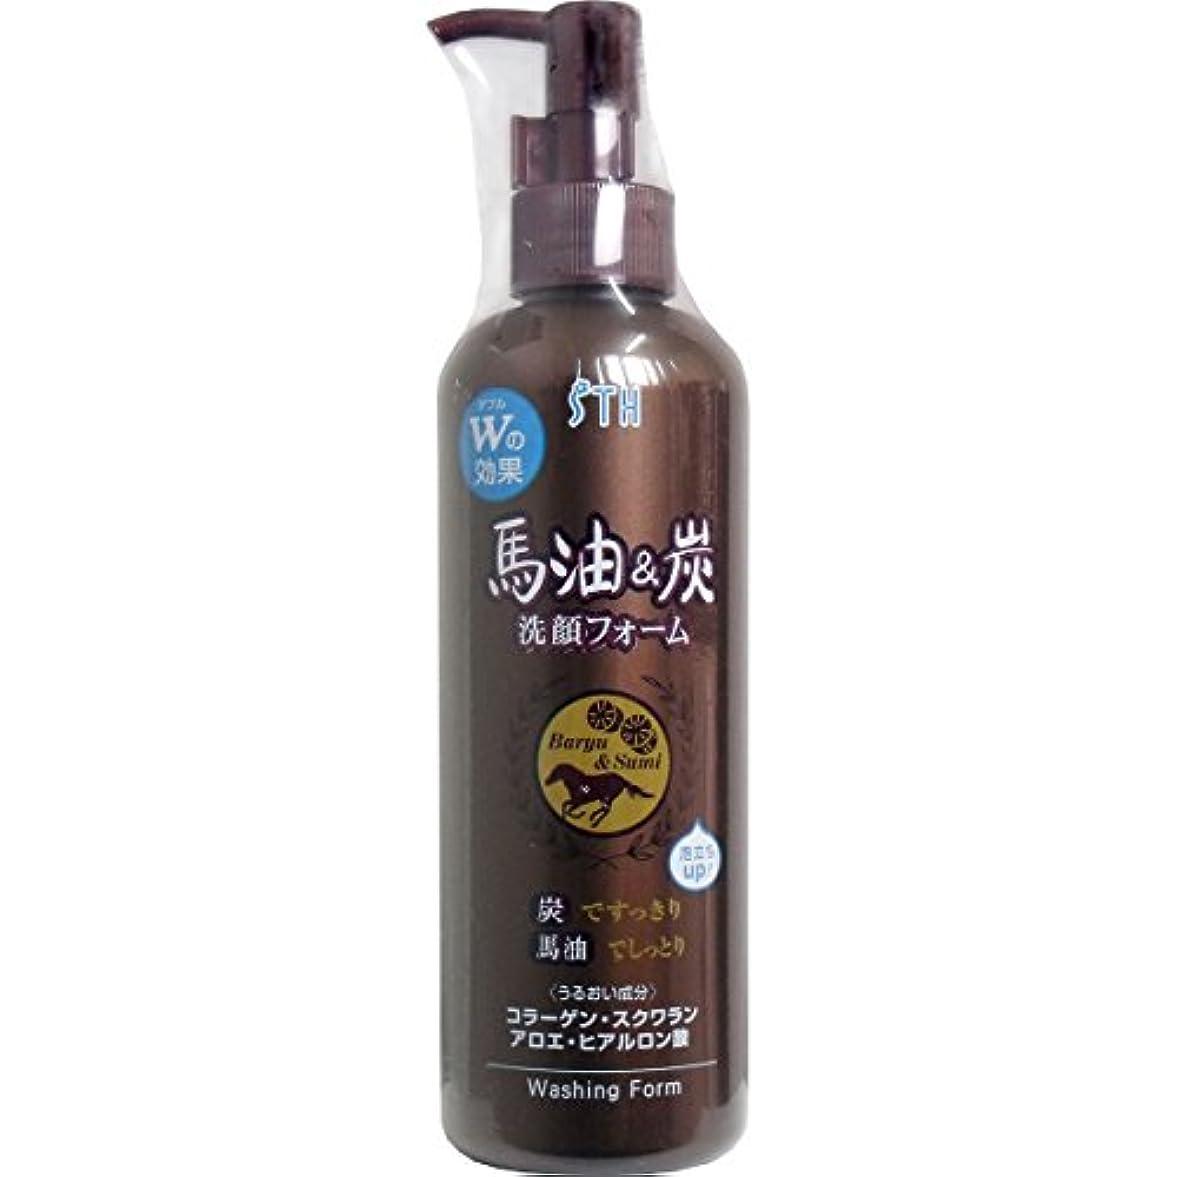 植生プロフェッショナル気質馬油&炭 洗顔フォーム【1本】